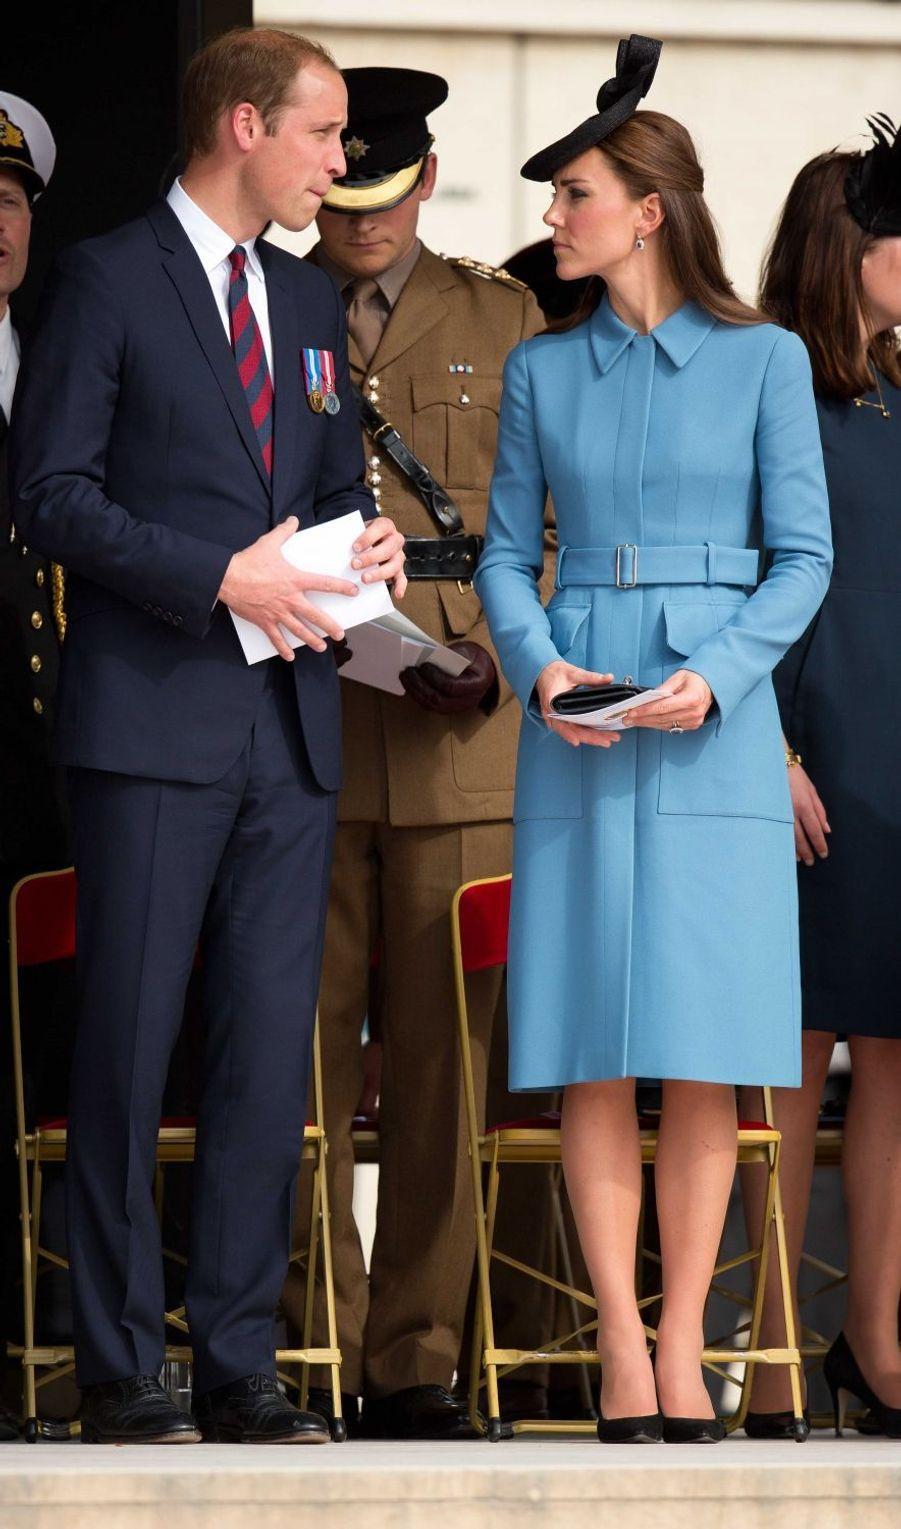 La duchesse de Cambridge, née Kate Middleton, en Alexander McQueen à Arromanches en Normandie le 6 juin 2014